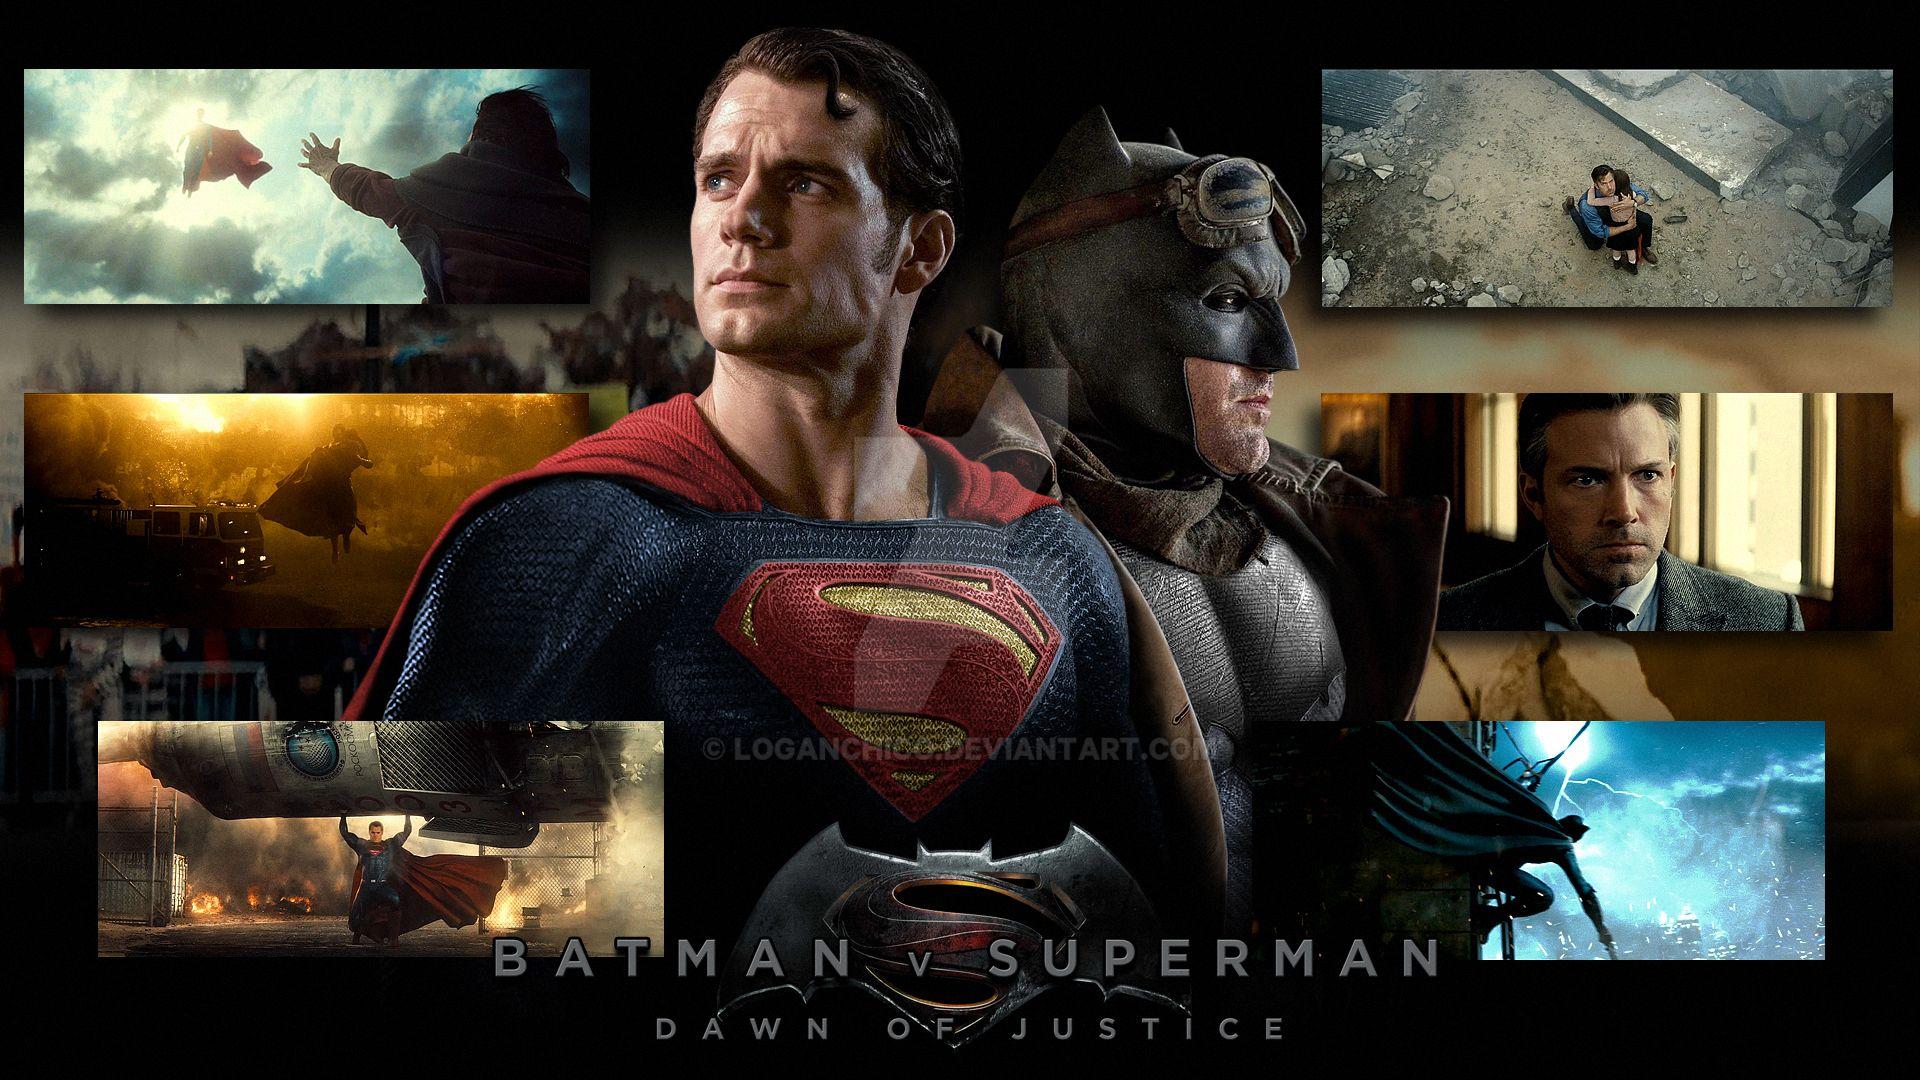 Batman Vs Superman Wallpaper By LoganChico